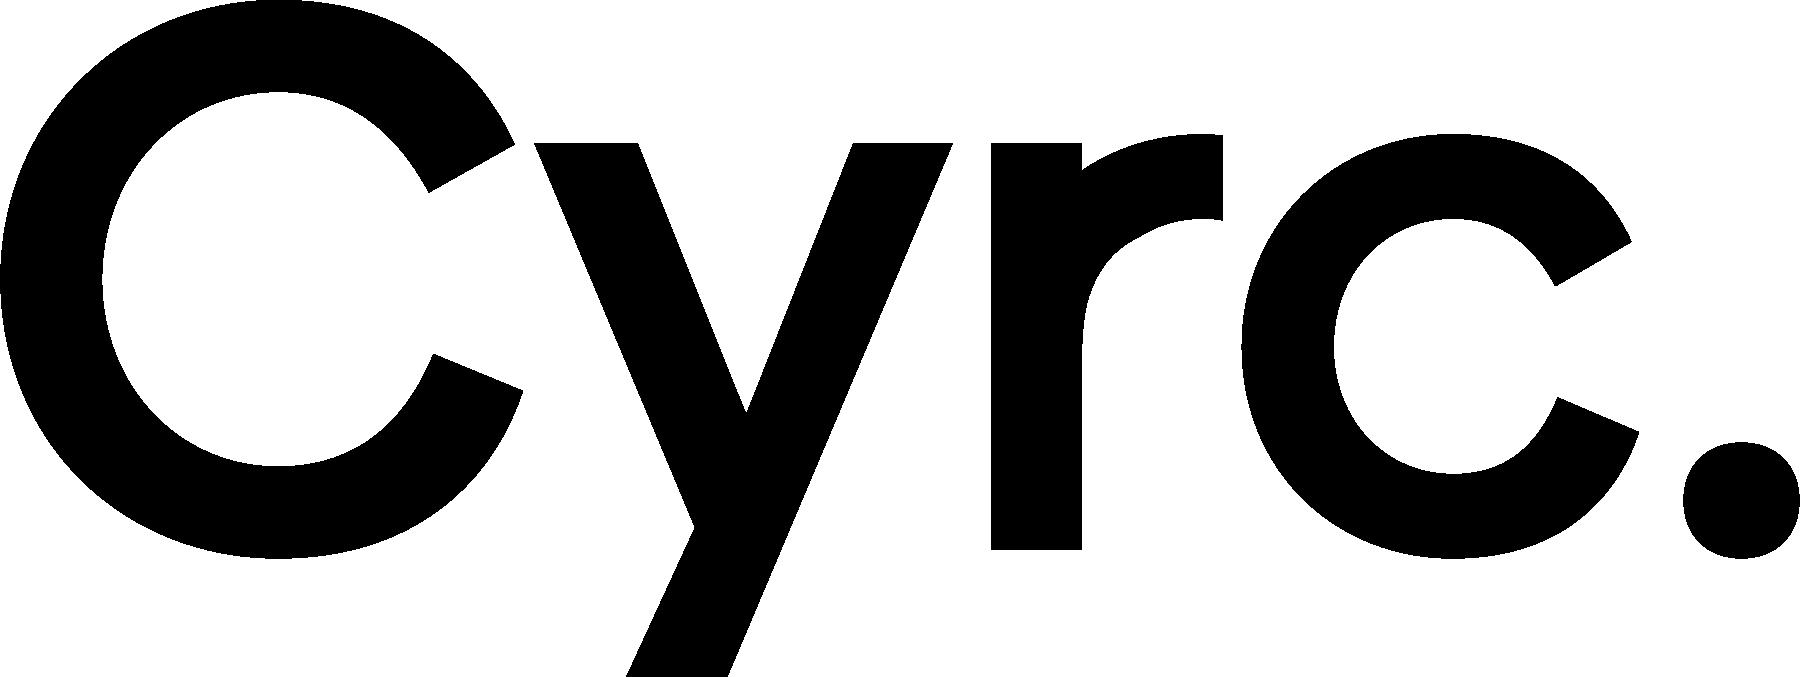 Cyrc logo